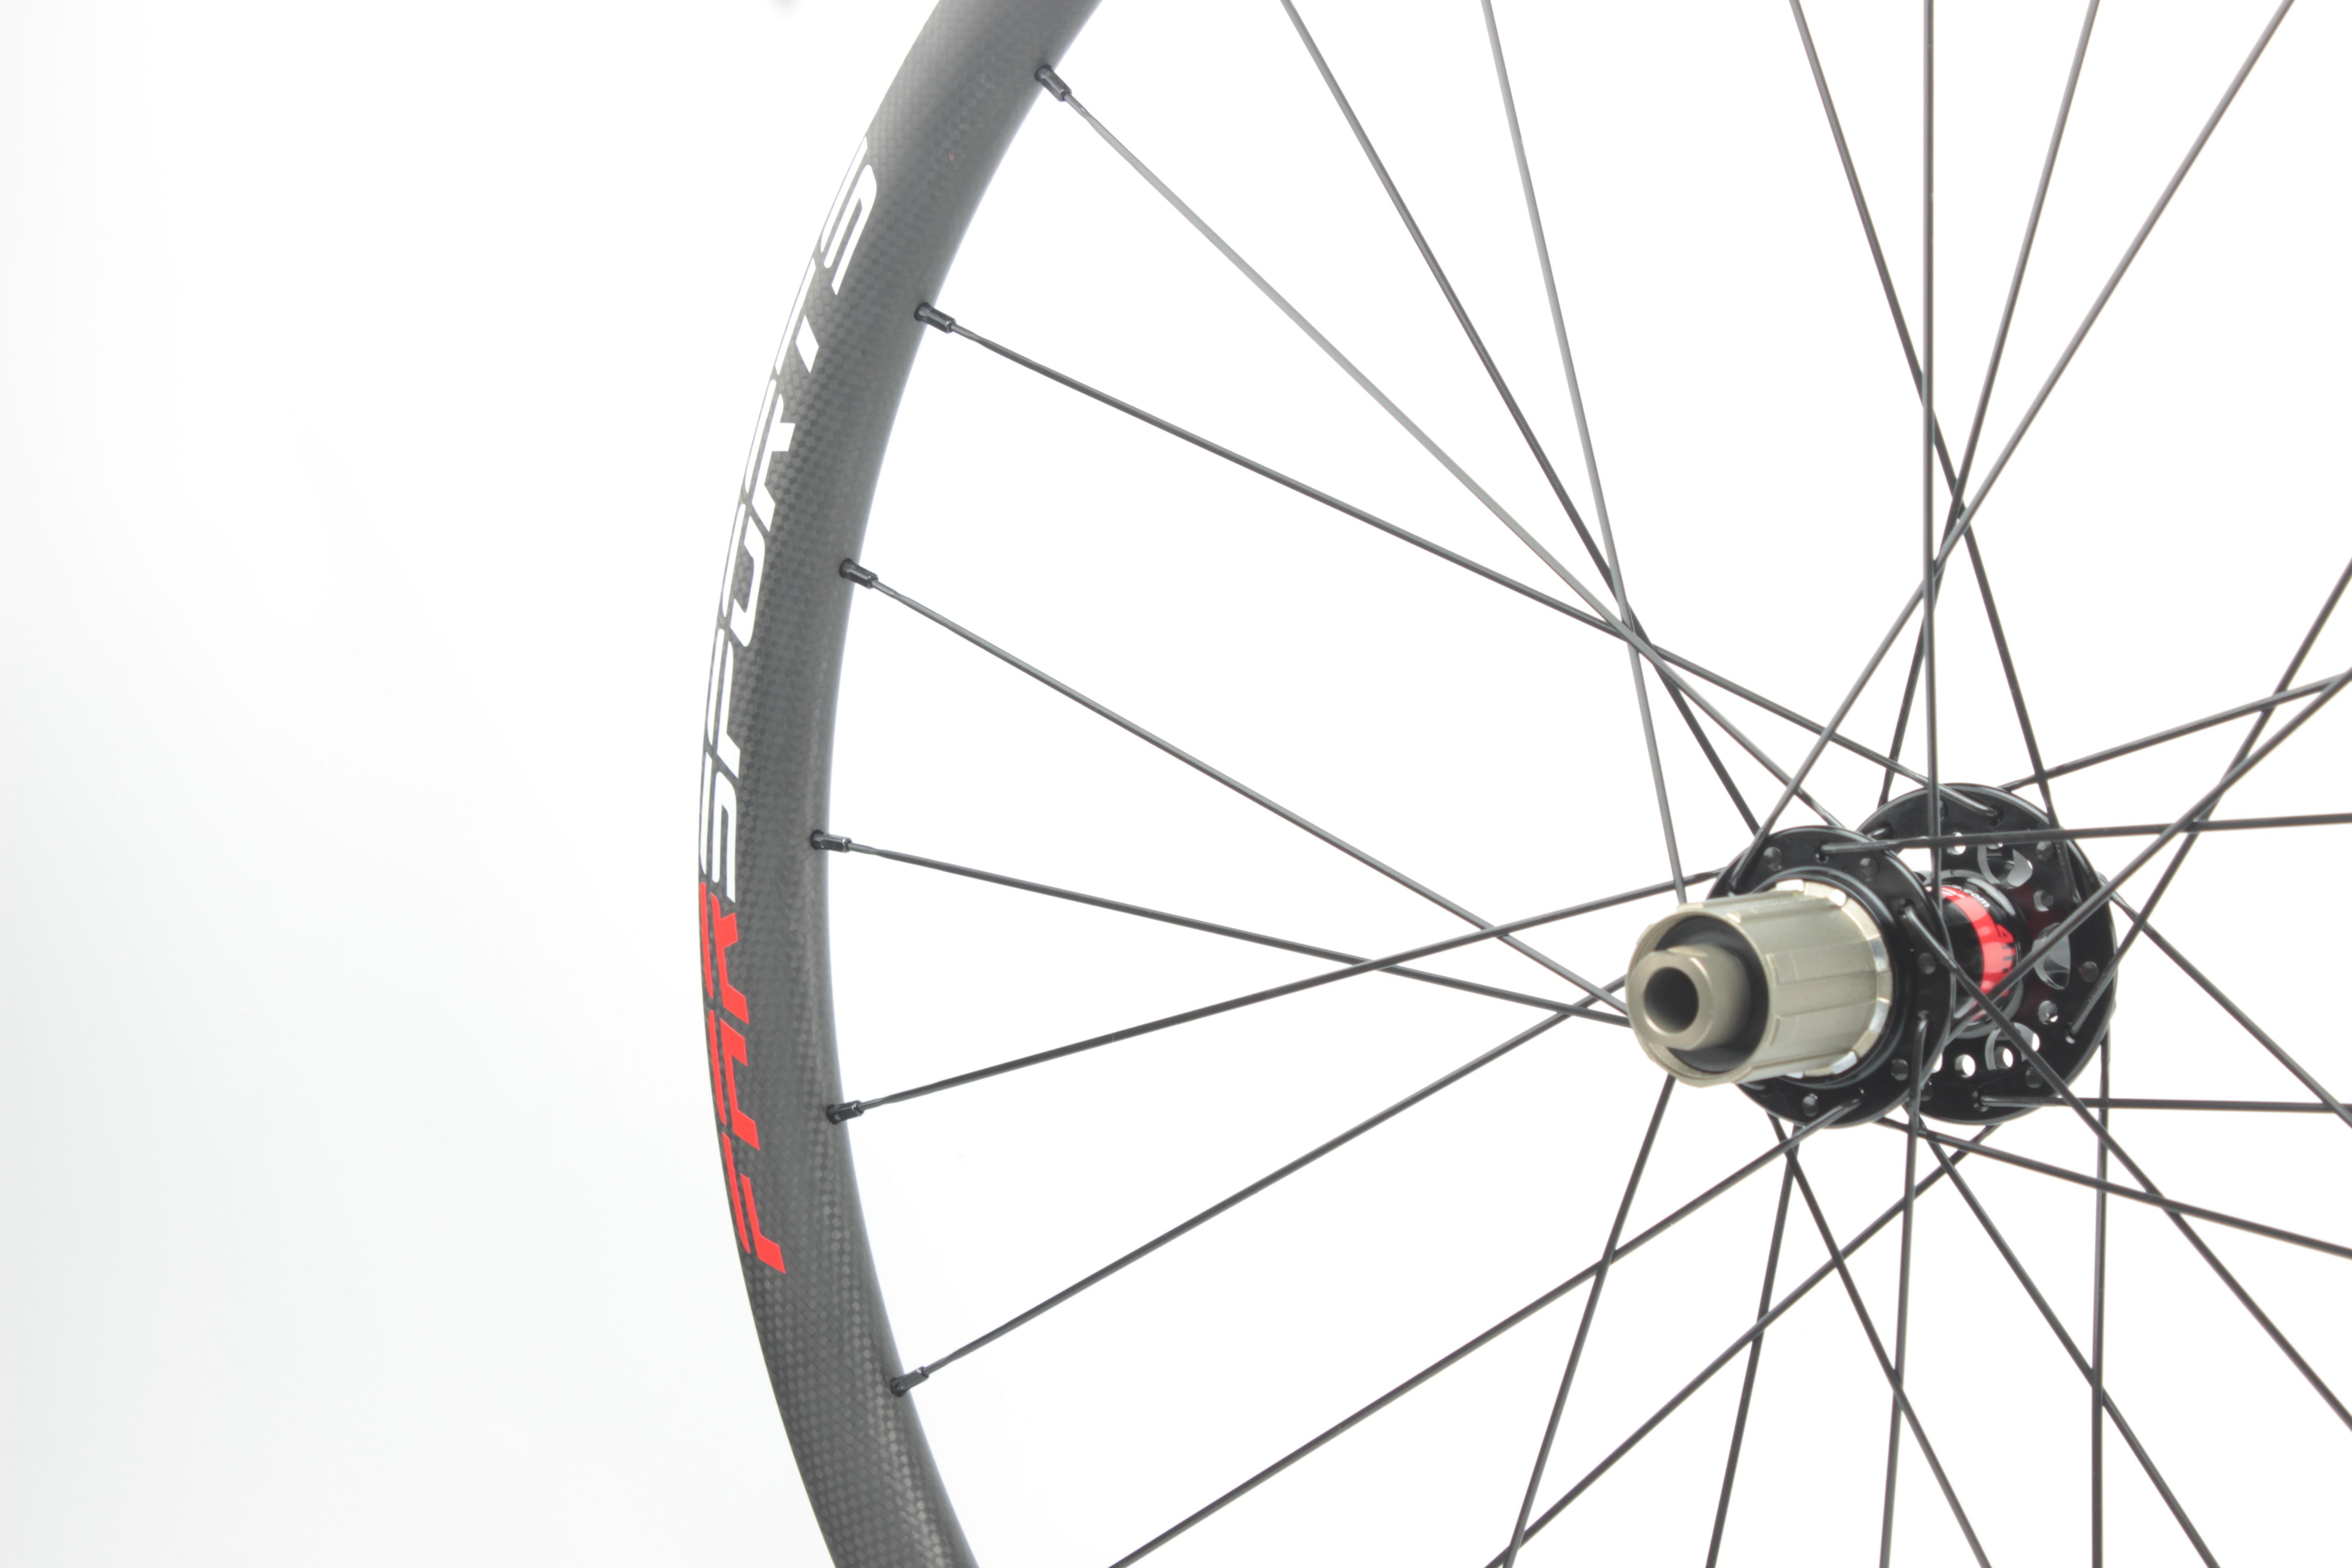 Farsports 29er Mountain bike carbon wheels 28W * 28D XC Asymmetric Manufacturers, Farsports 29er Mountain bike carbon wheels 28W * 28D XC Asymmetric Factory, Supply Farsports 29er Mountain bike carbon wheels 28W * 28D XC Asymmetric